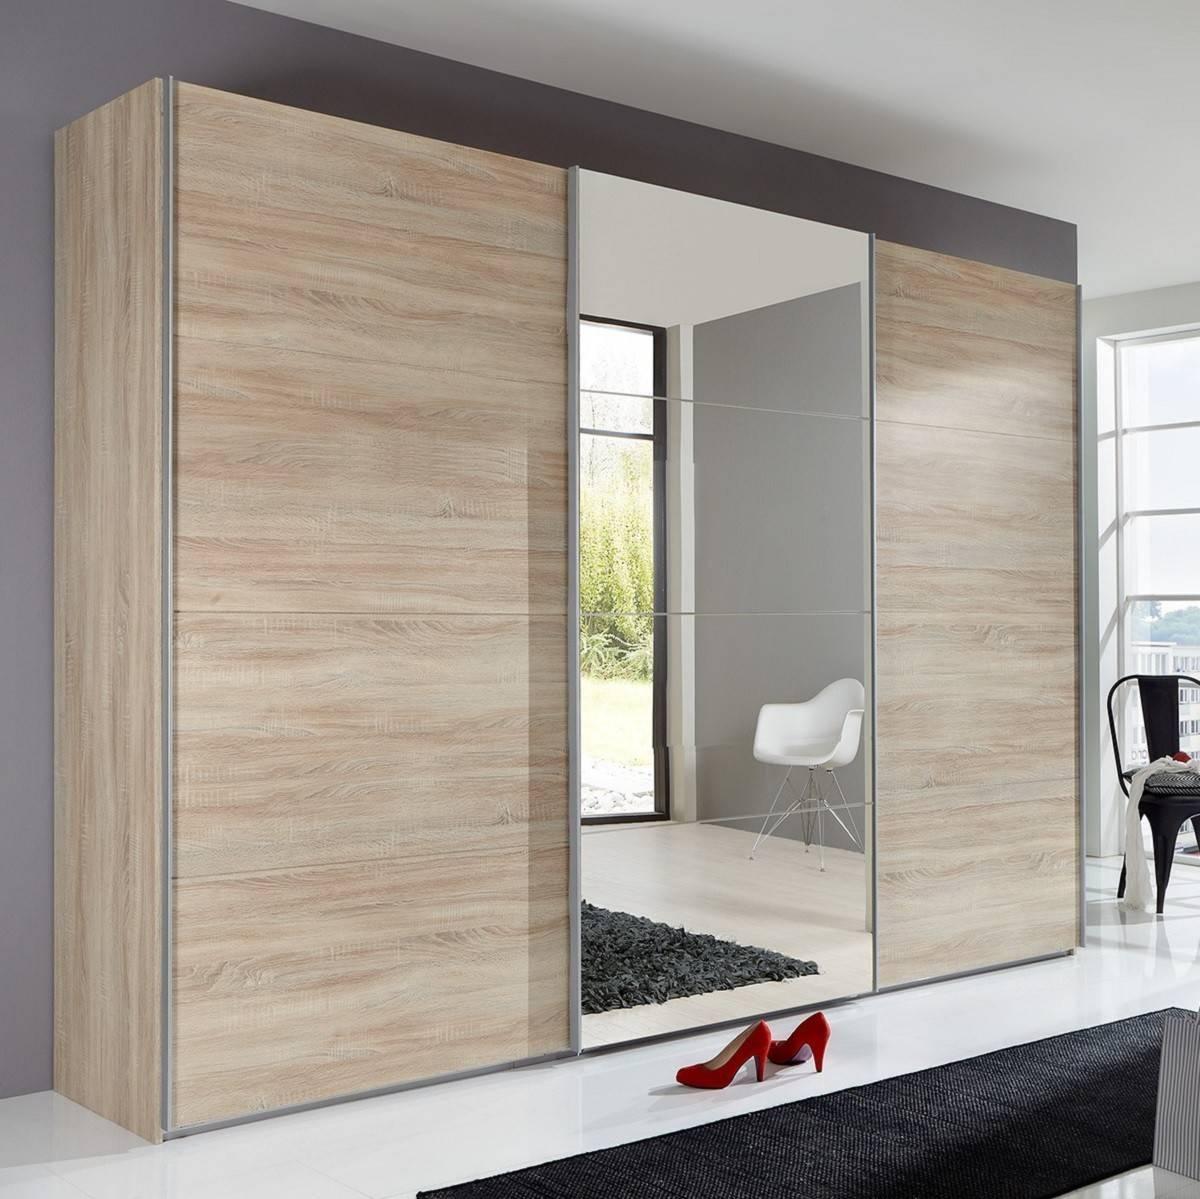 Slumberhaus 'ernie' German Made Modern 270Cm Oak & Mirror 3 Door regarding Oak 3 Door Wardrobes (Image 12 of 15)